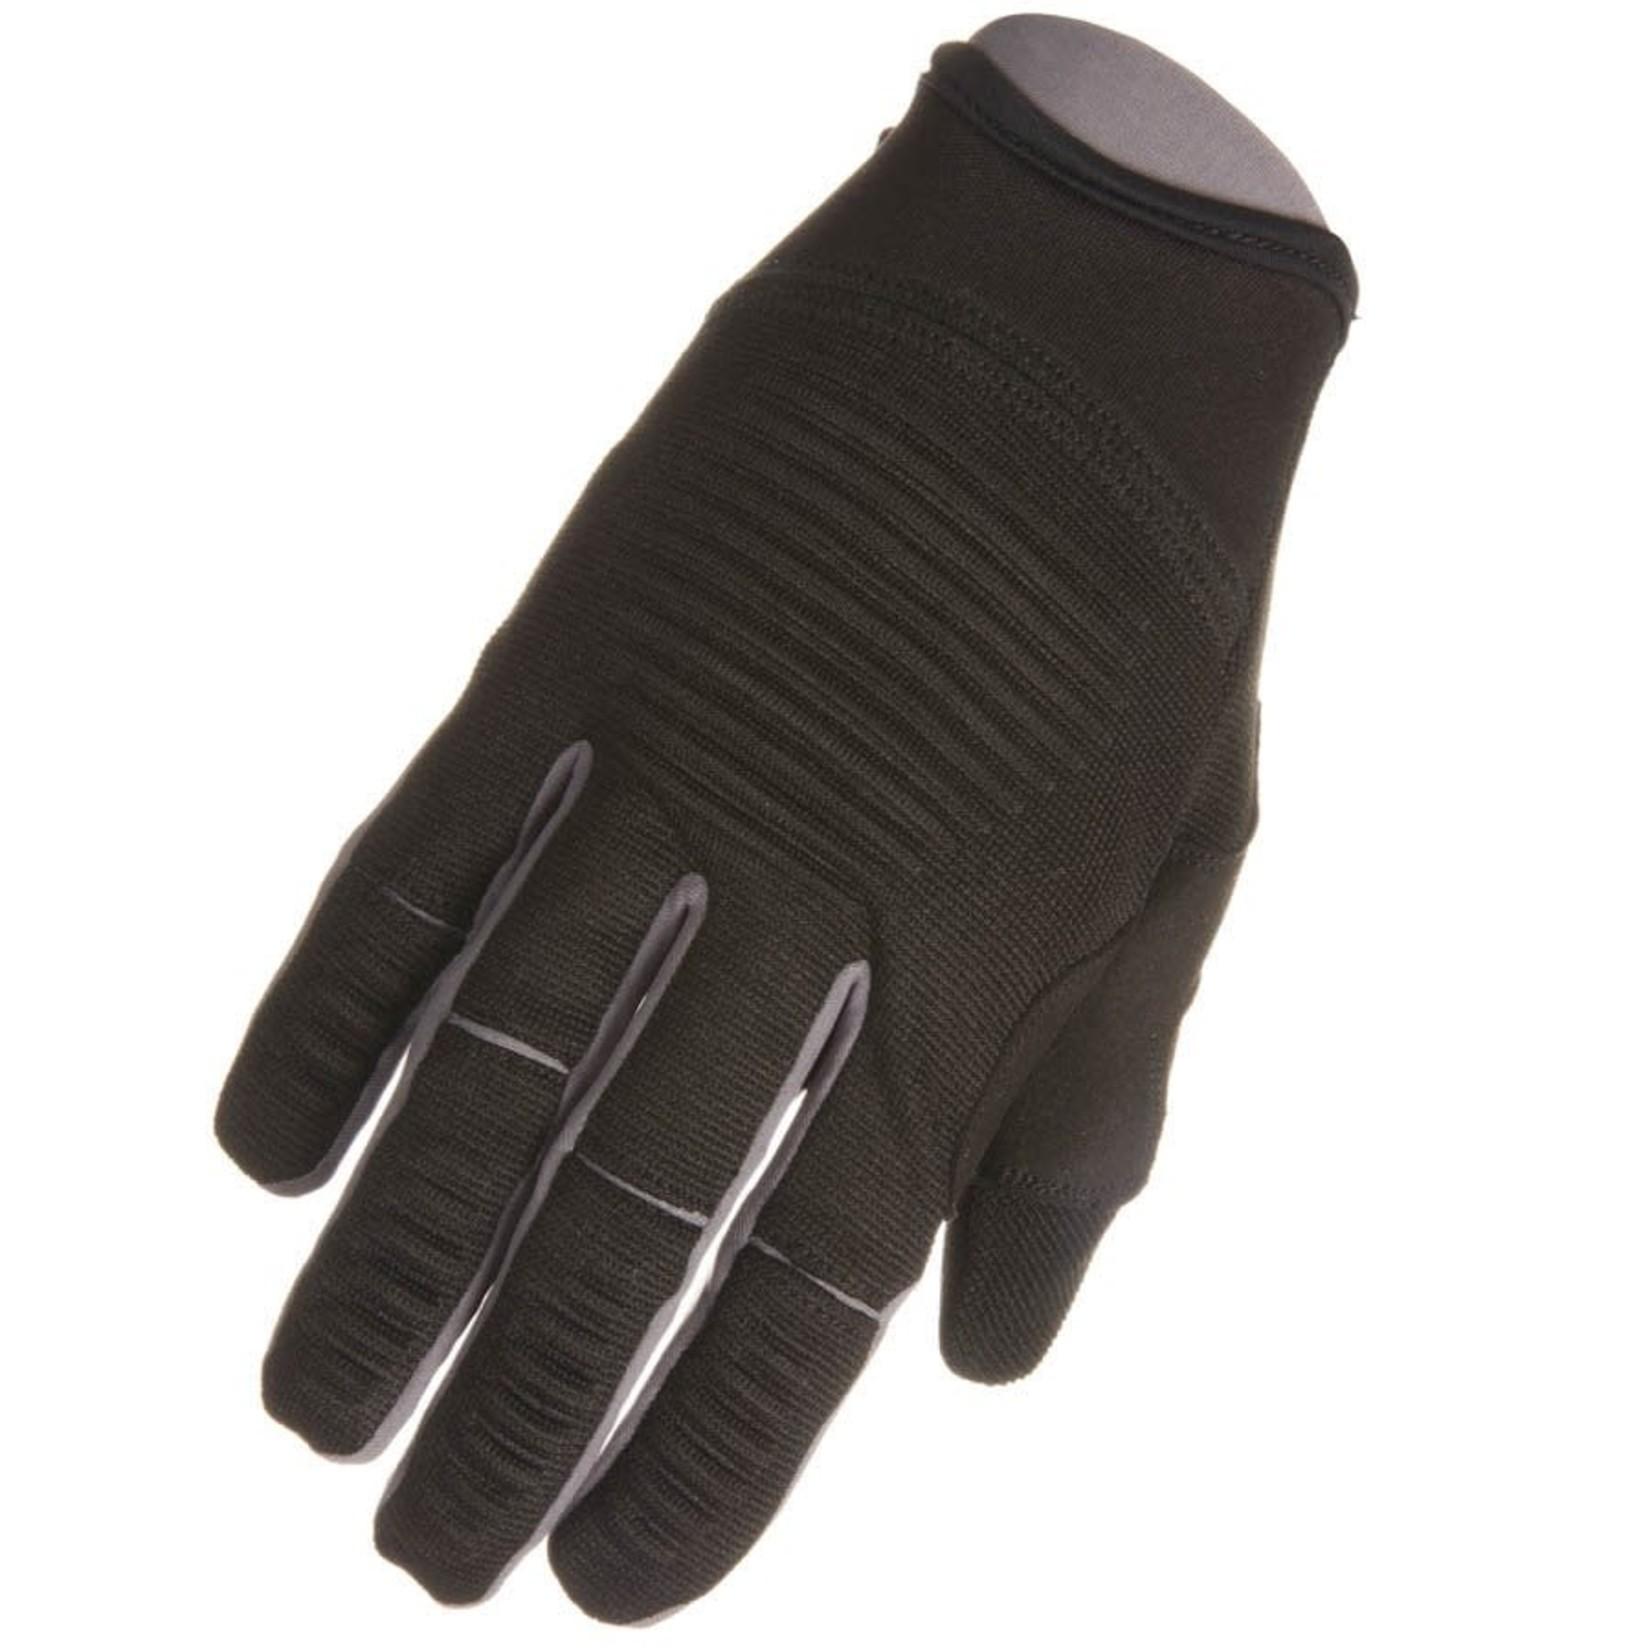 EVO EVO, Palmer Pro Trail, Full Finger Gloves, Unisex, XL, Pair